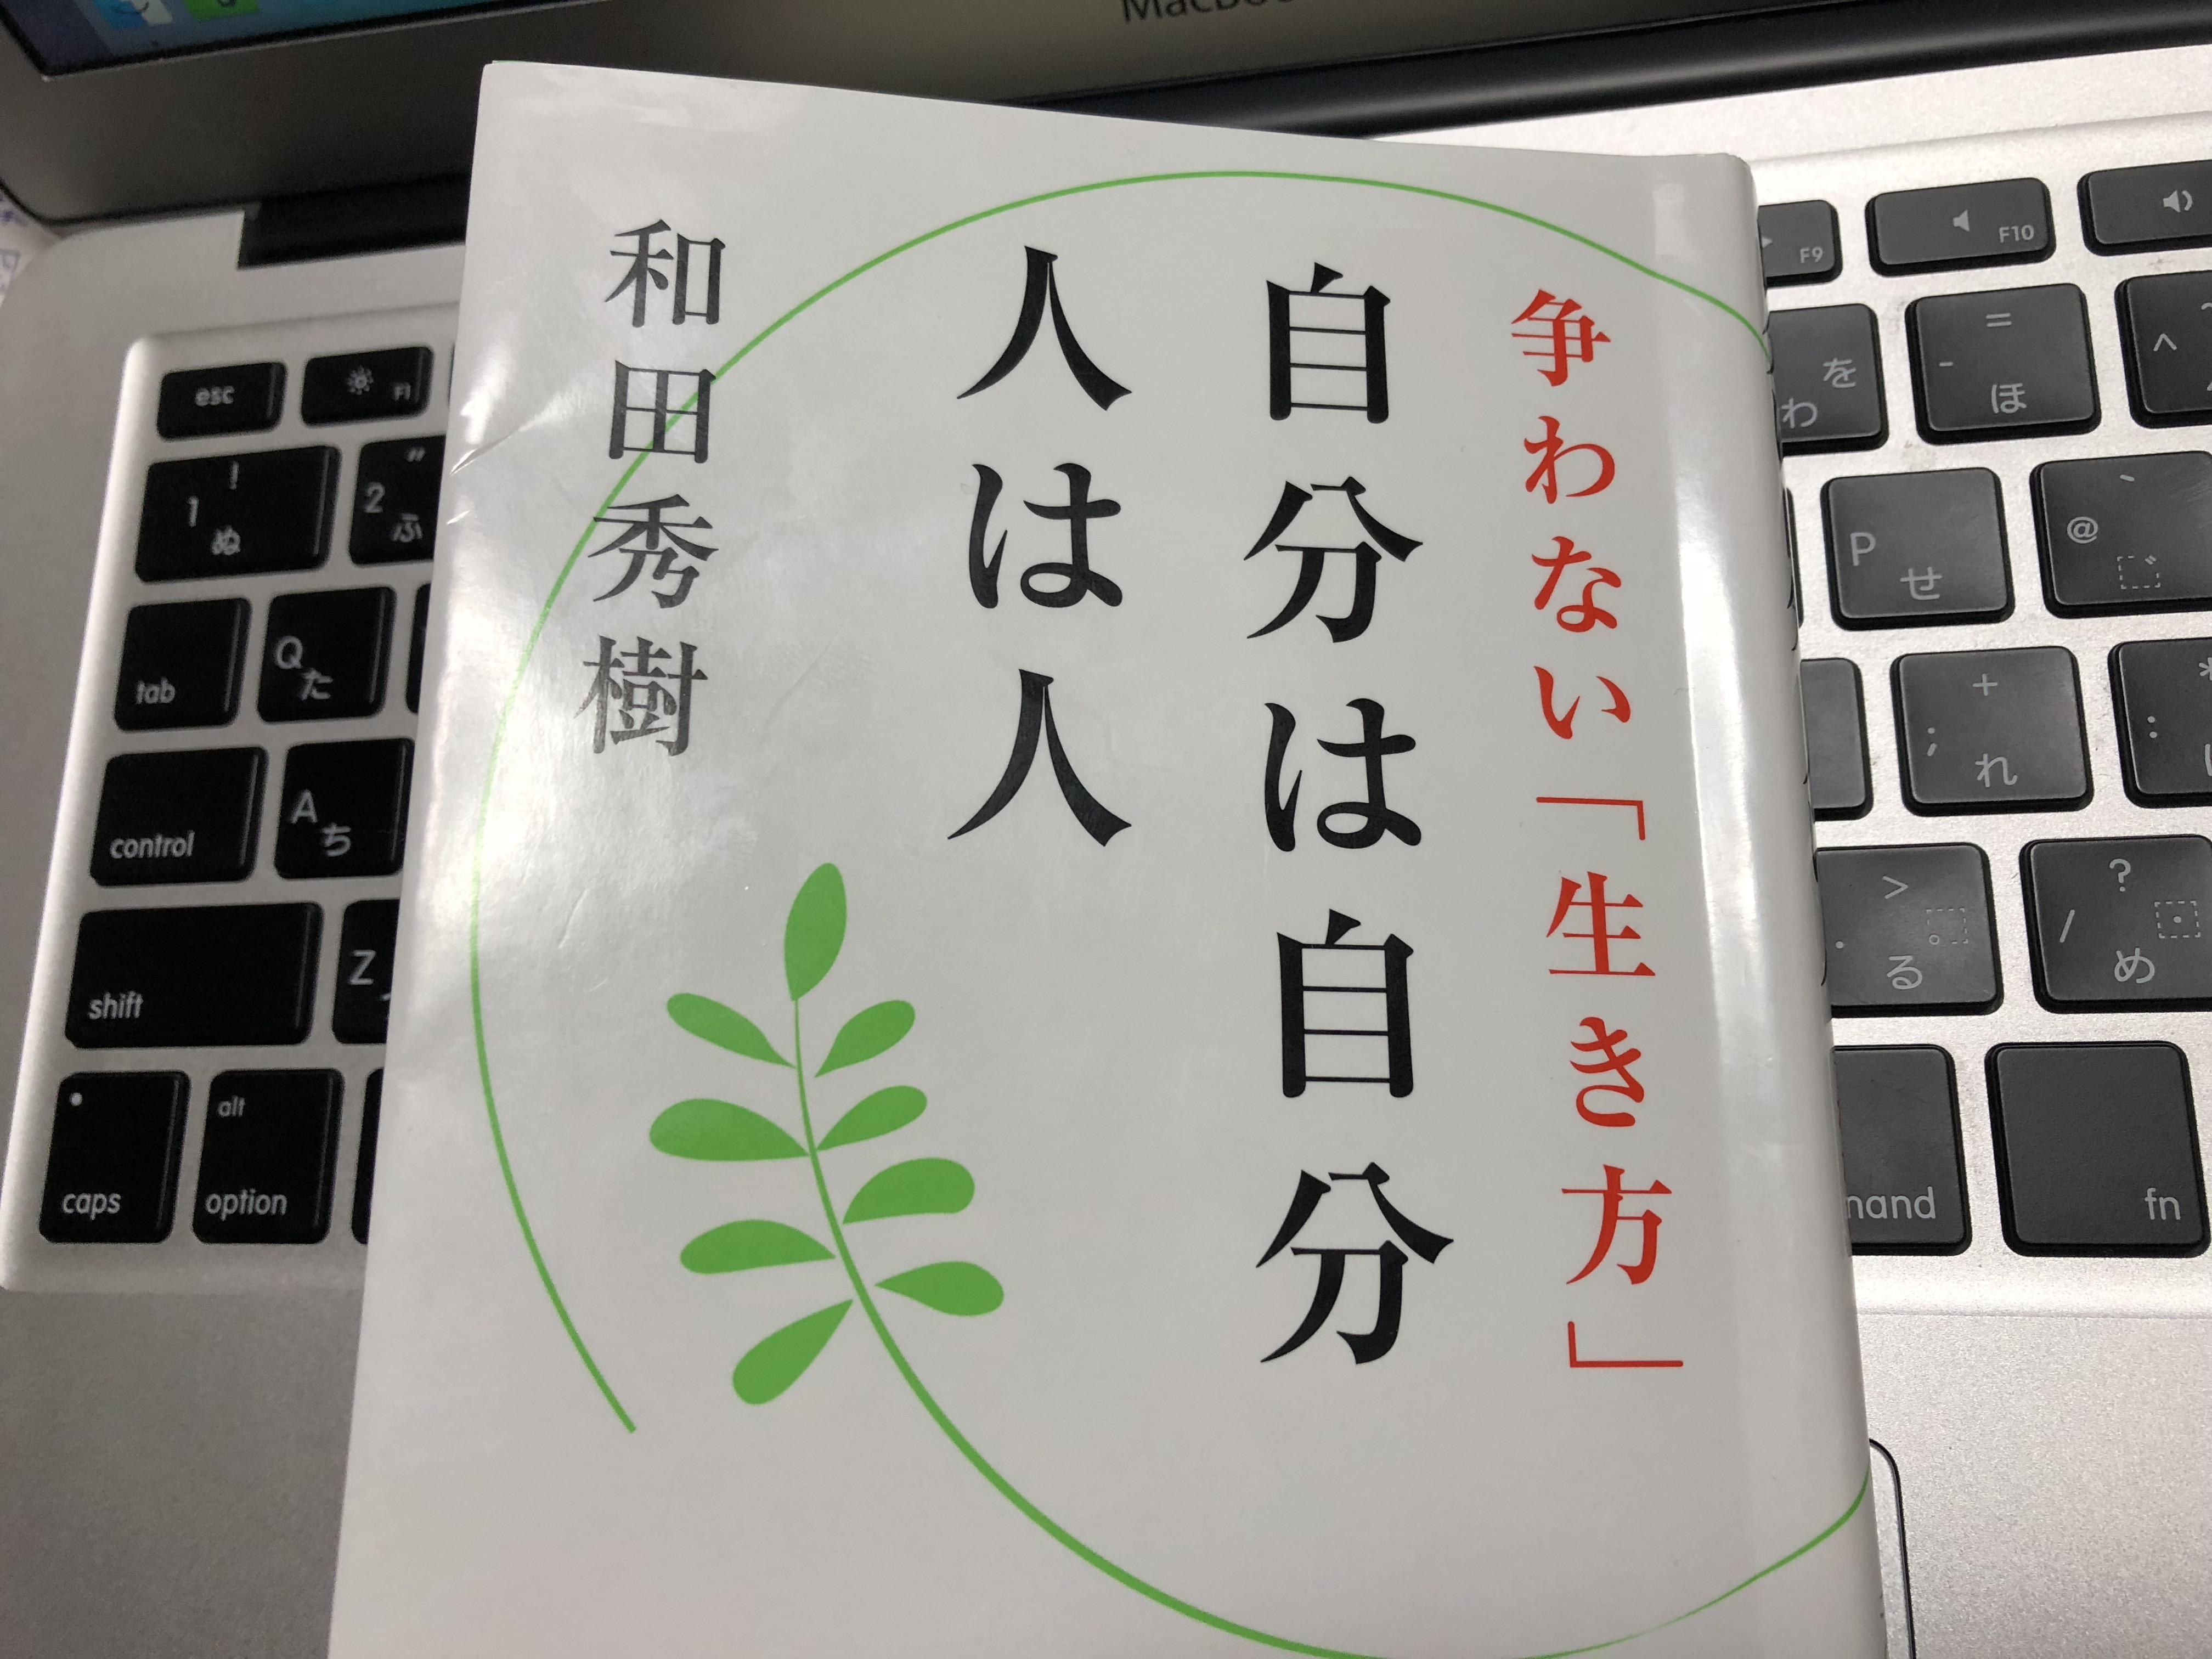 和田秀樹『争わない「生き方」自分は自分、人は人』